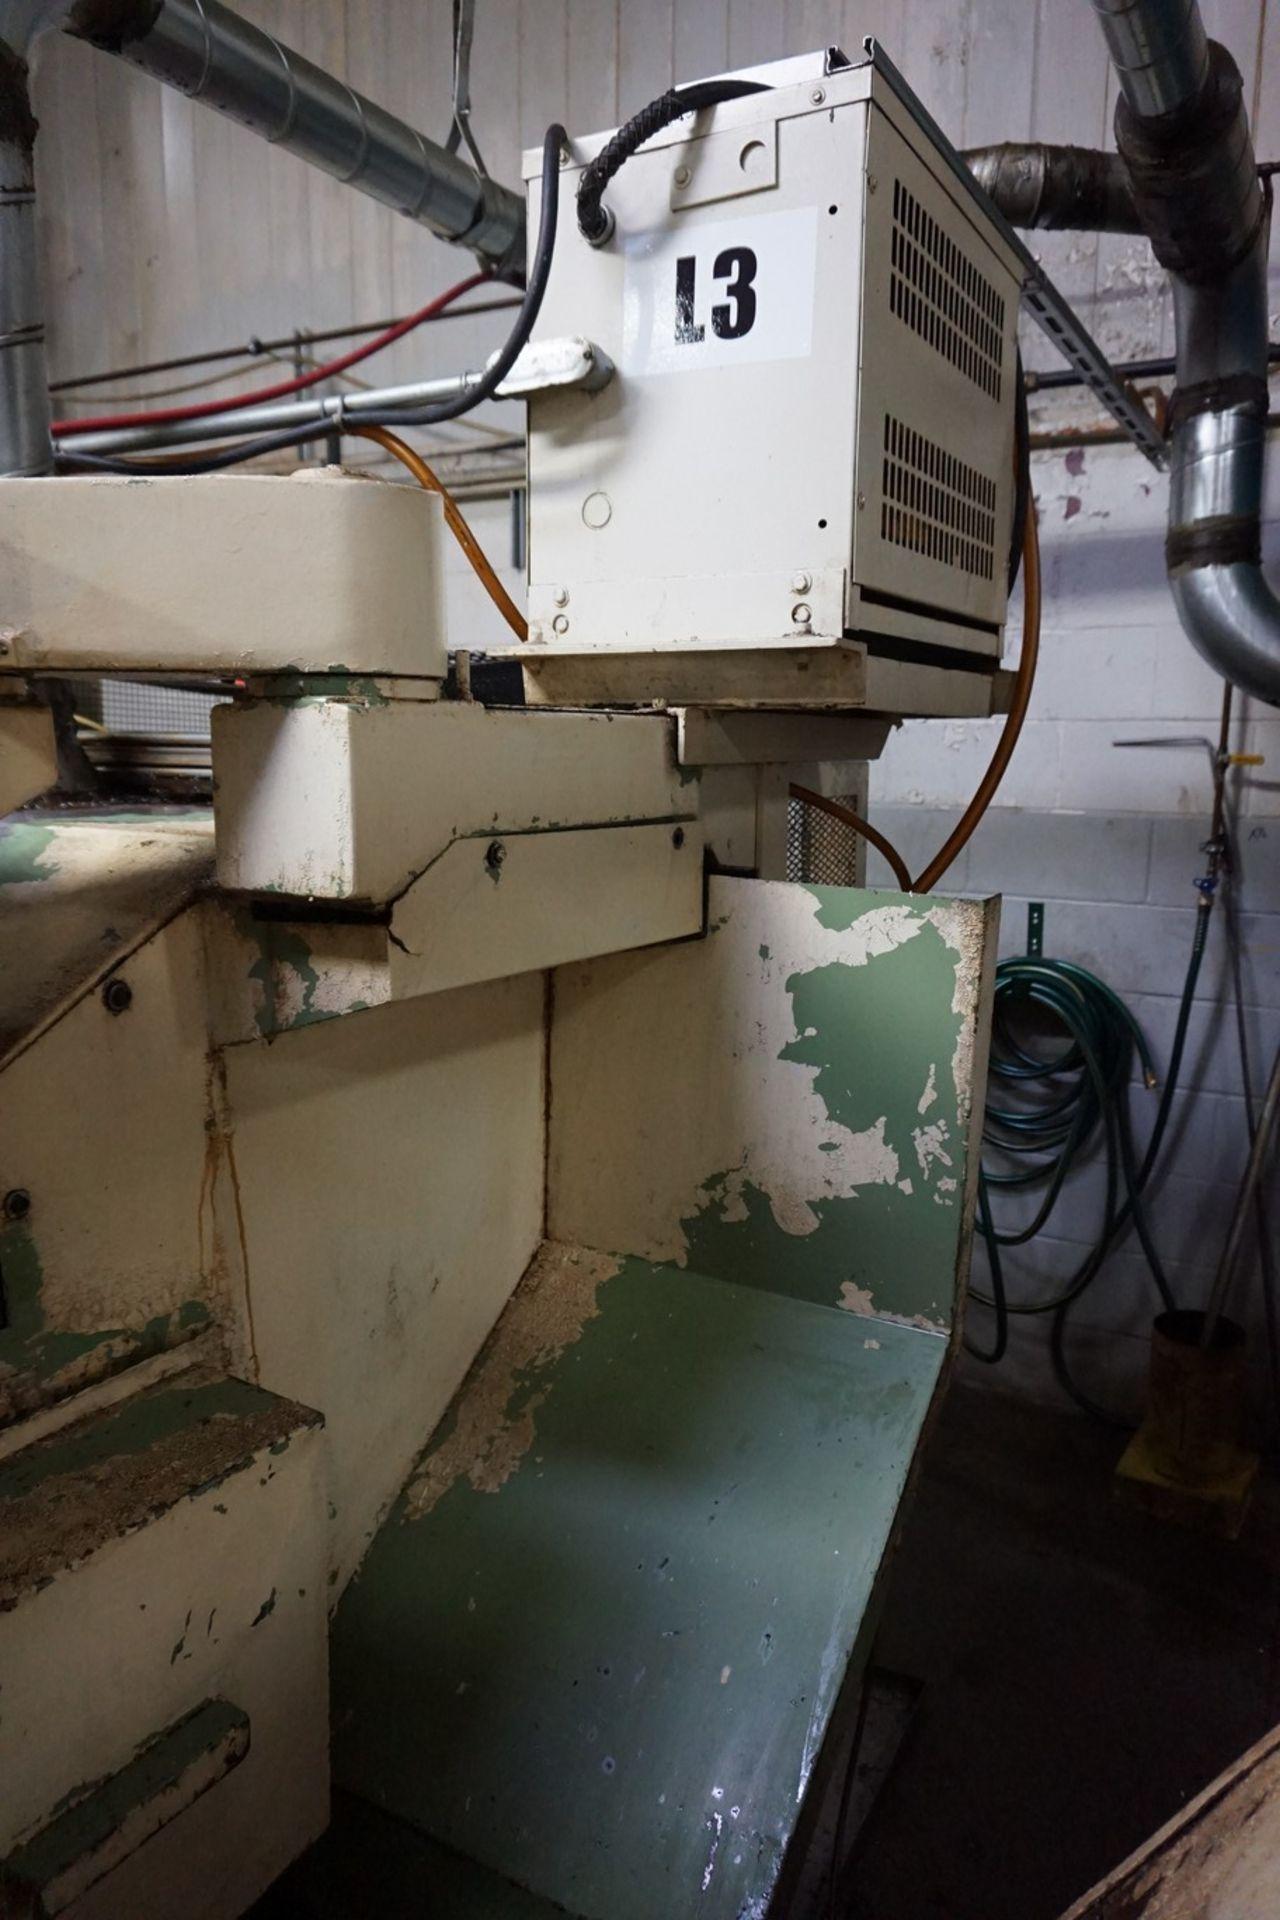 Okuma Model LB15 CNC Lathe 220/440V with Enomoto Chip Conveyor, Transformer - Image 6 of 6